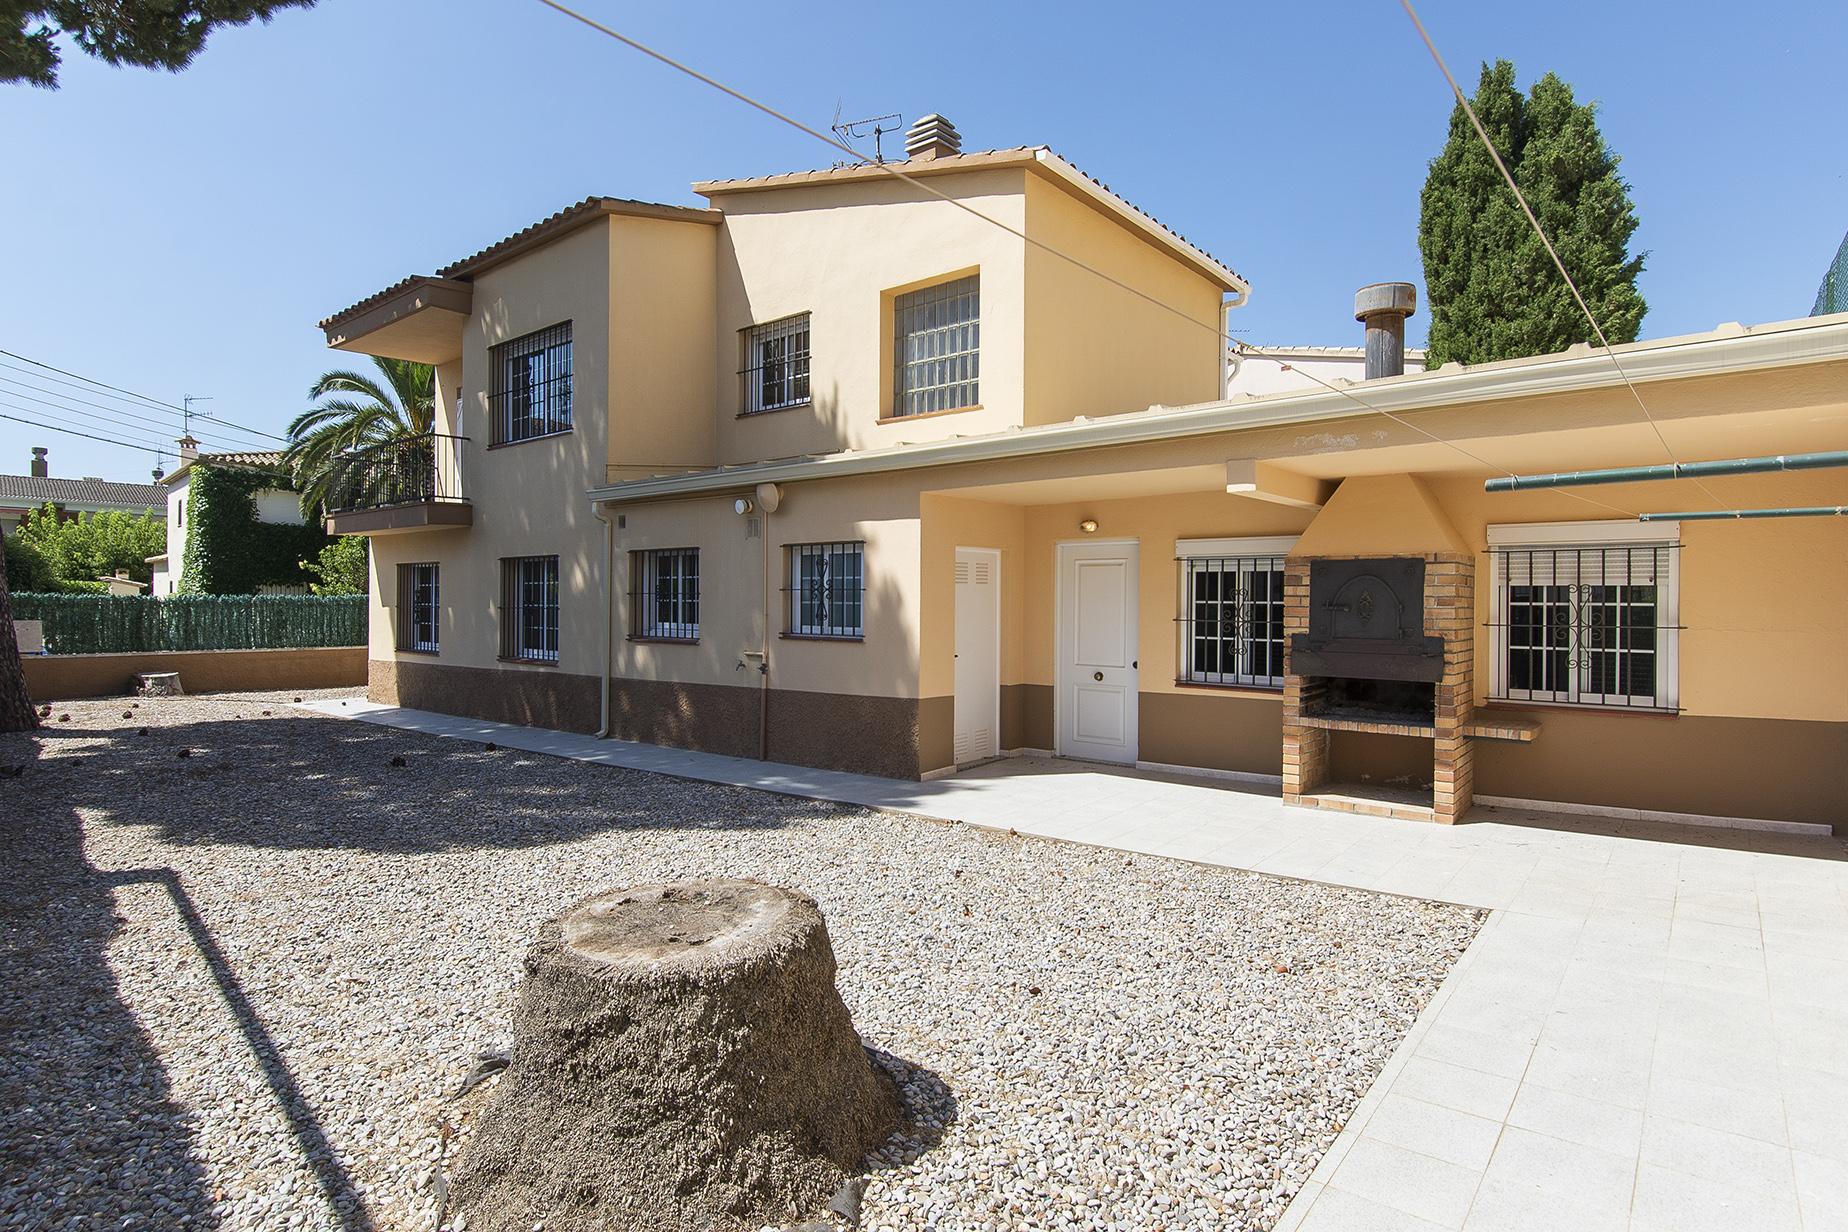 Vivienda unifamiliar por un Venta en House 600 metres from the beach in Playa de Aro Playa De Aro, Costa Brava, 17250 España